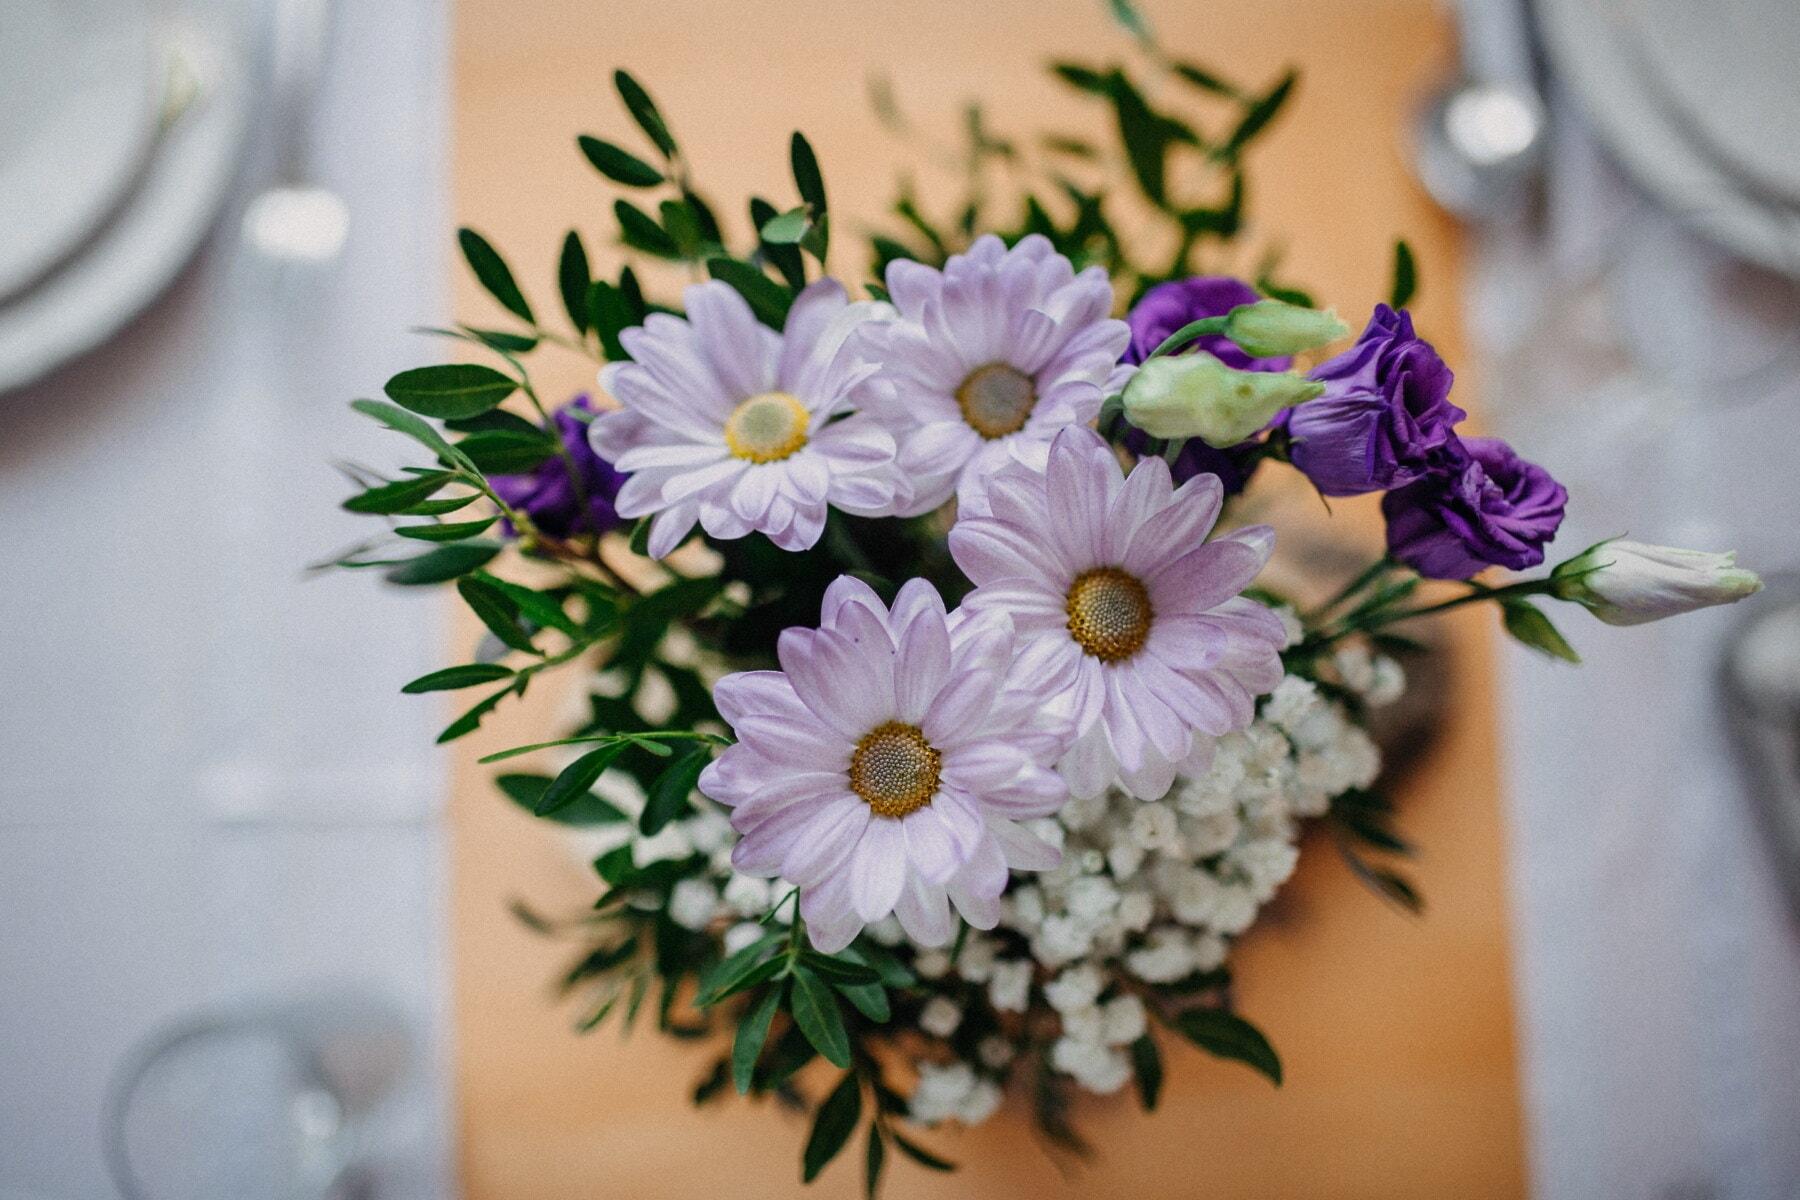 lila, Rosen, Blumen, Blumenstrauß, Kantine, Anordnung, Tabelle, Eleganz, Jahrgang, aus nächster Nähe